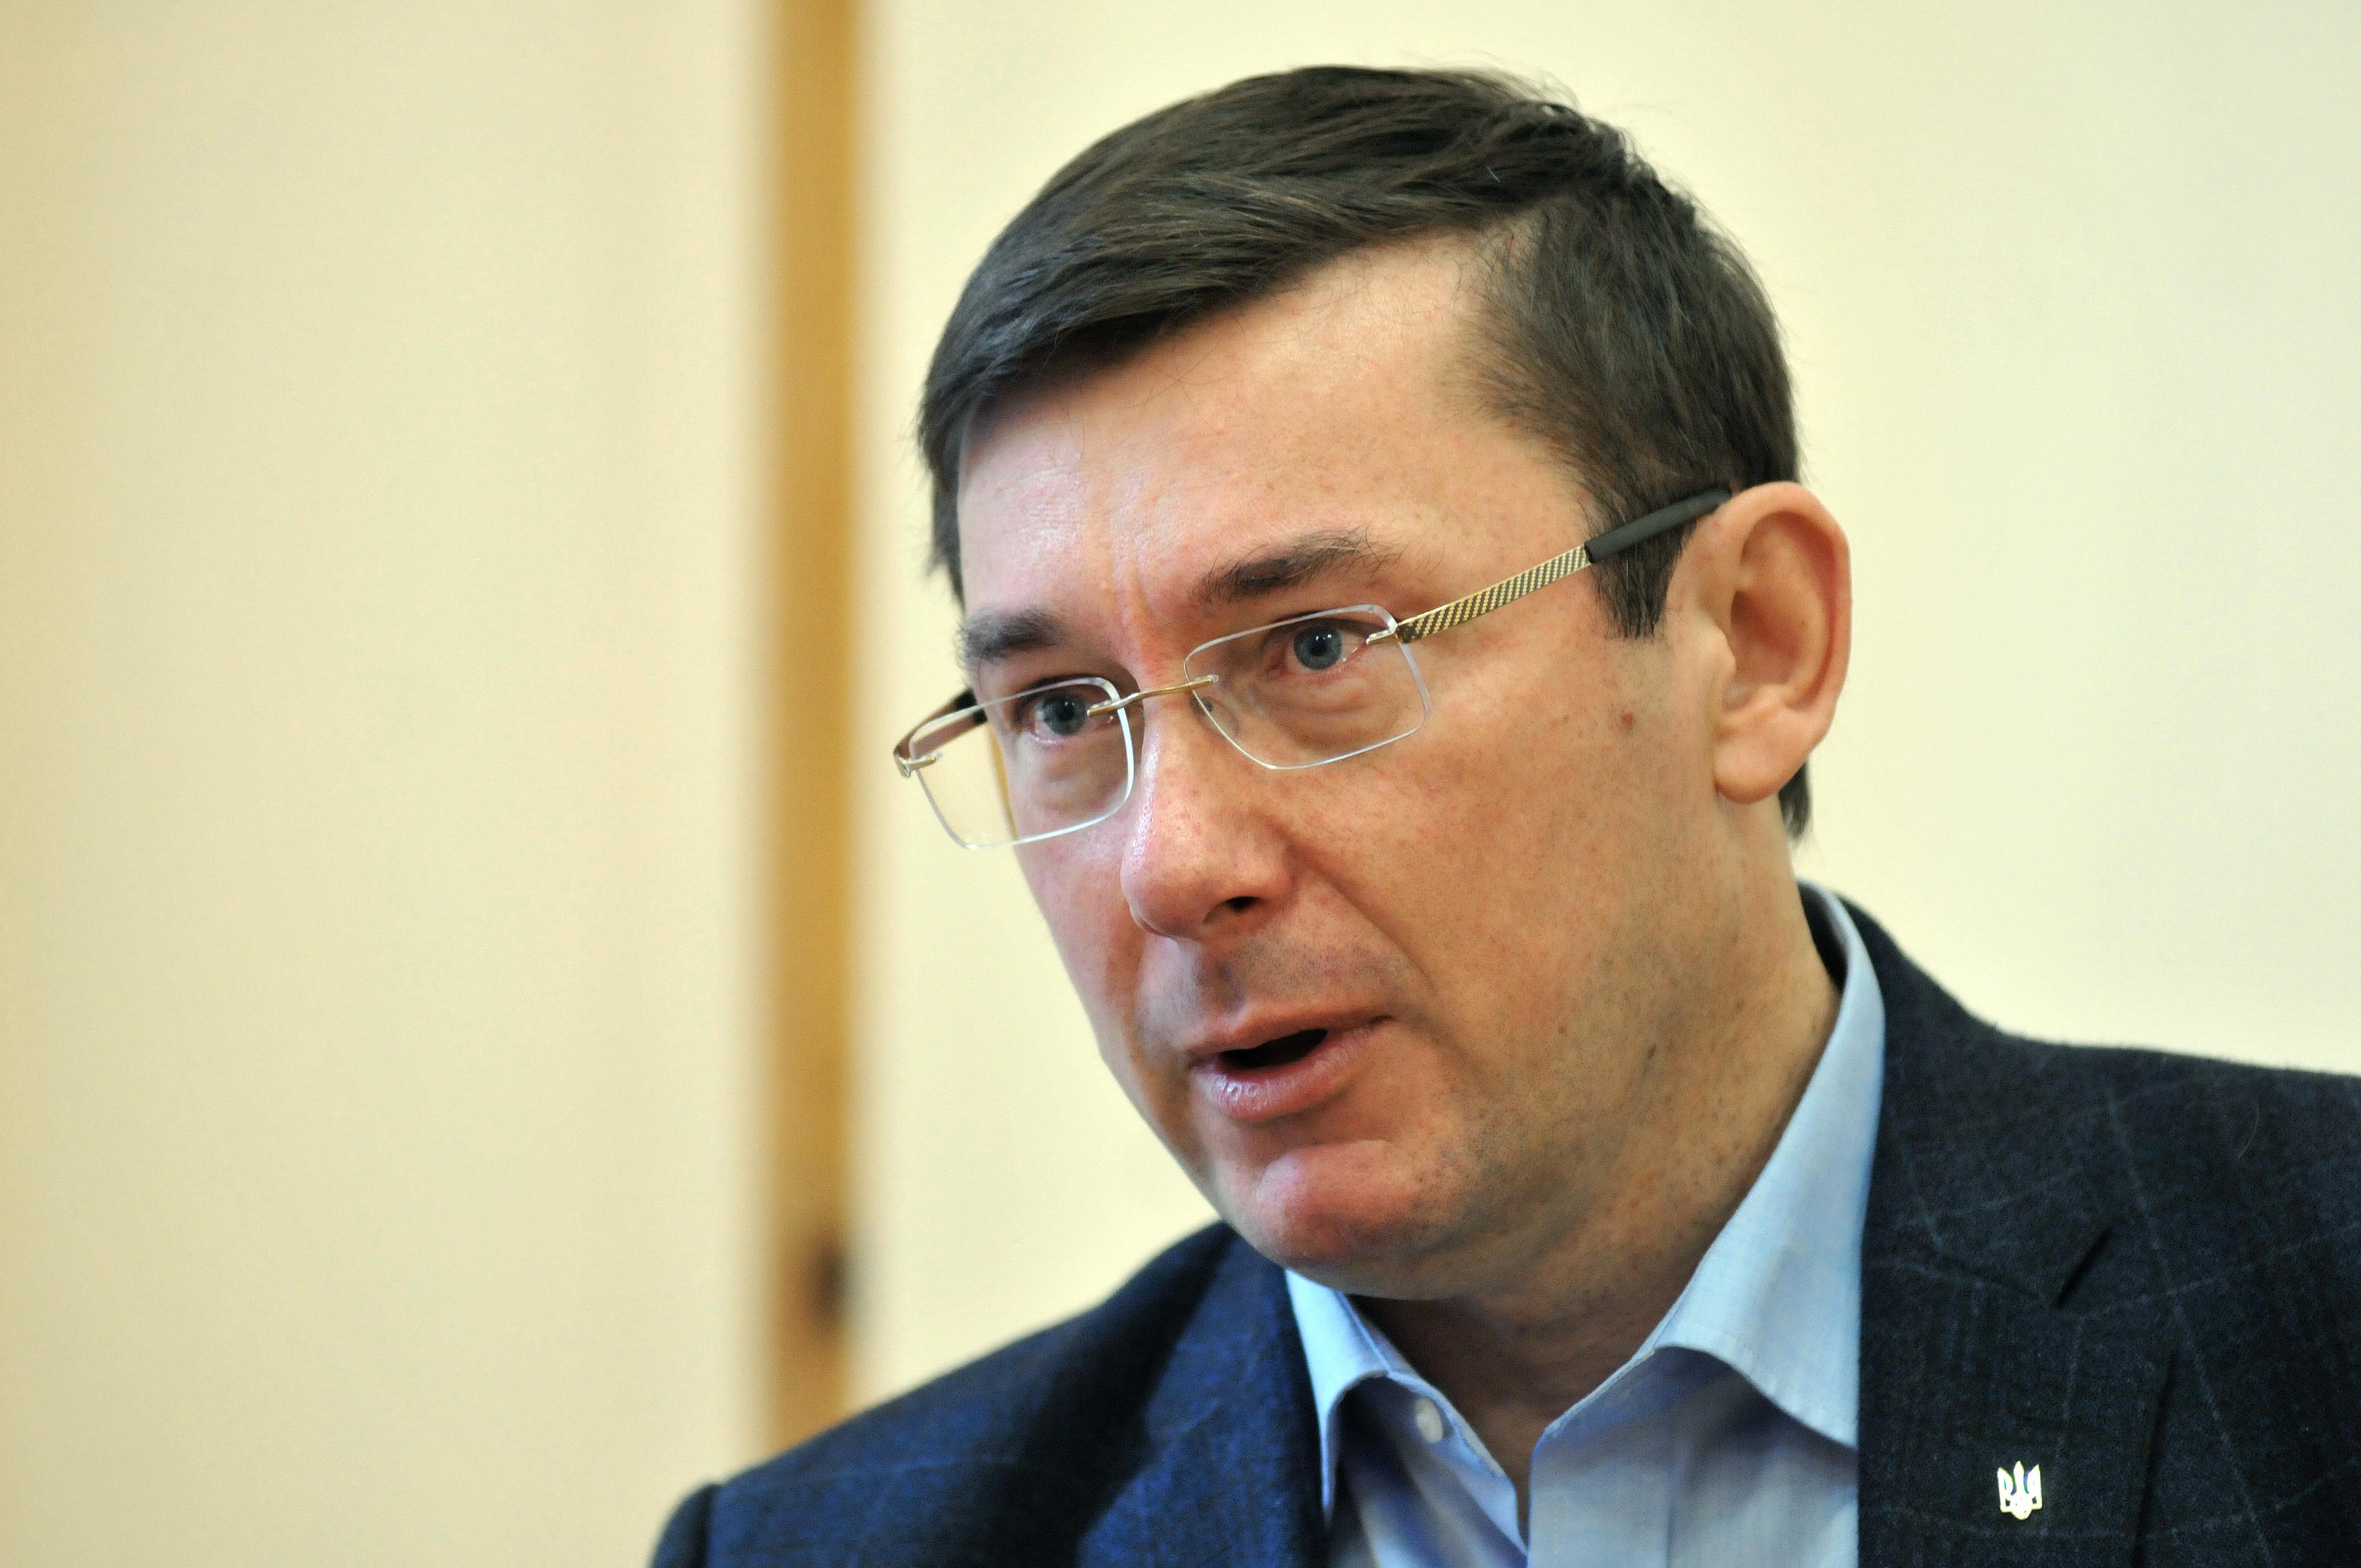 Луценко подал представление о лишении депутатской неприкосновенности 5 нардепов